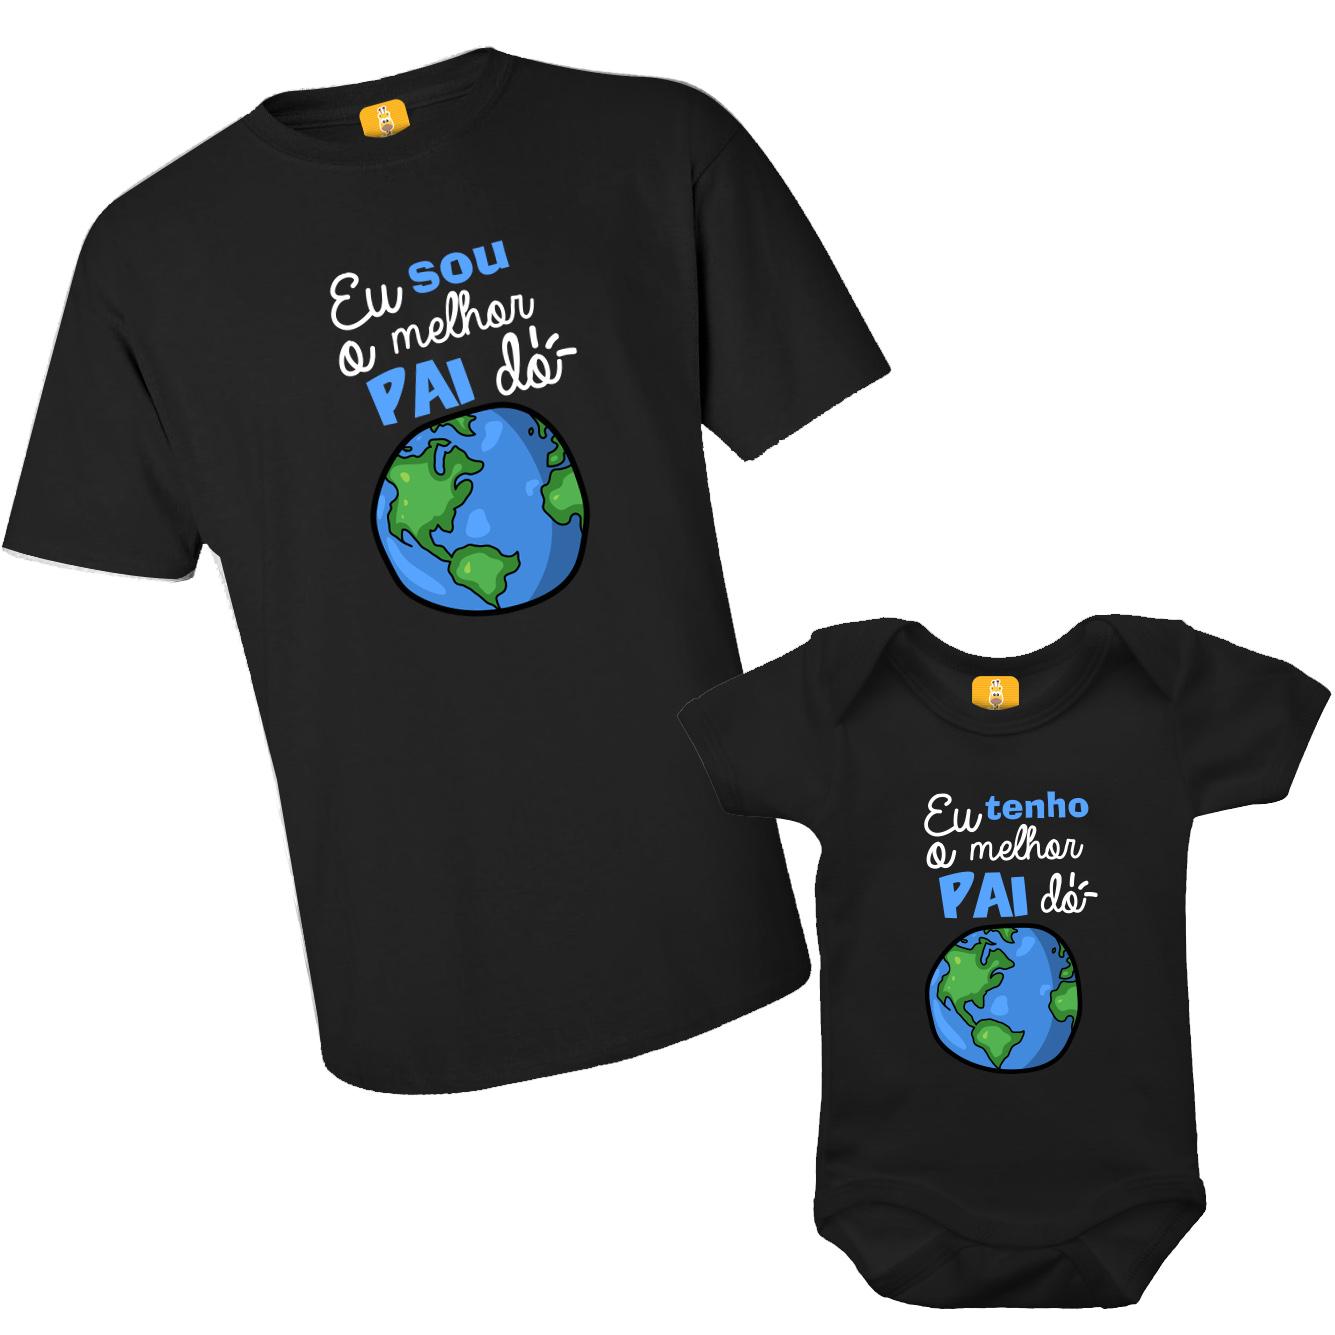 Kit Camiseta e Body - Eu Tenho o Melhor Pai do Mundo